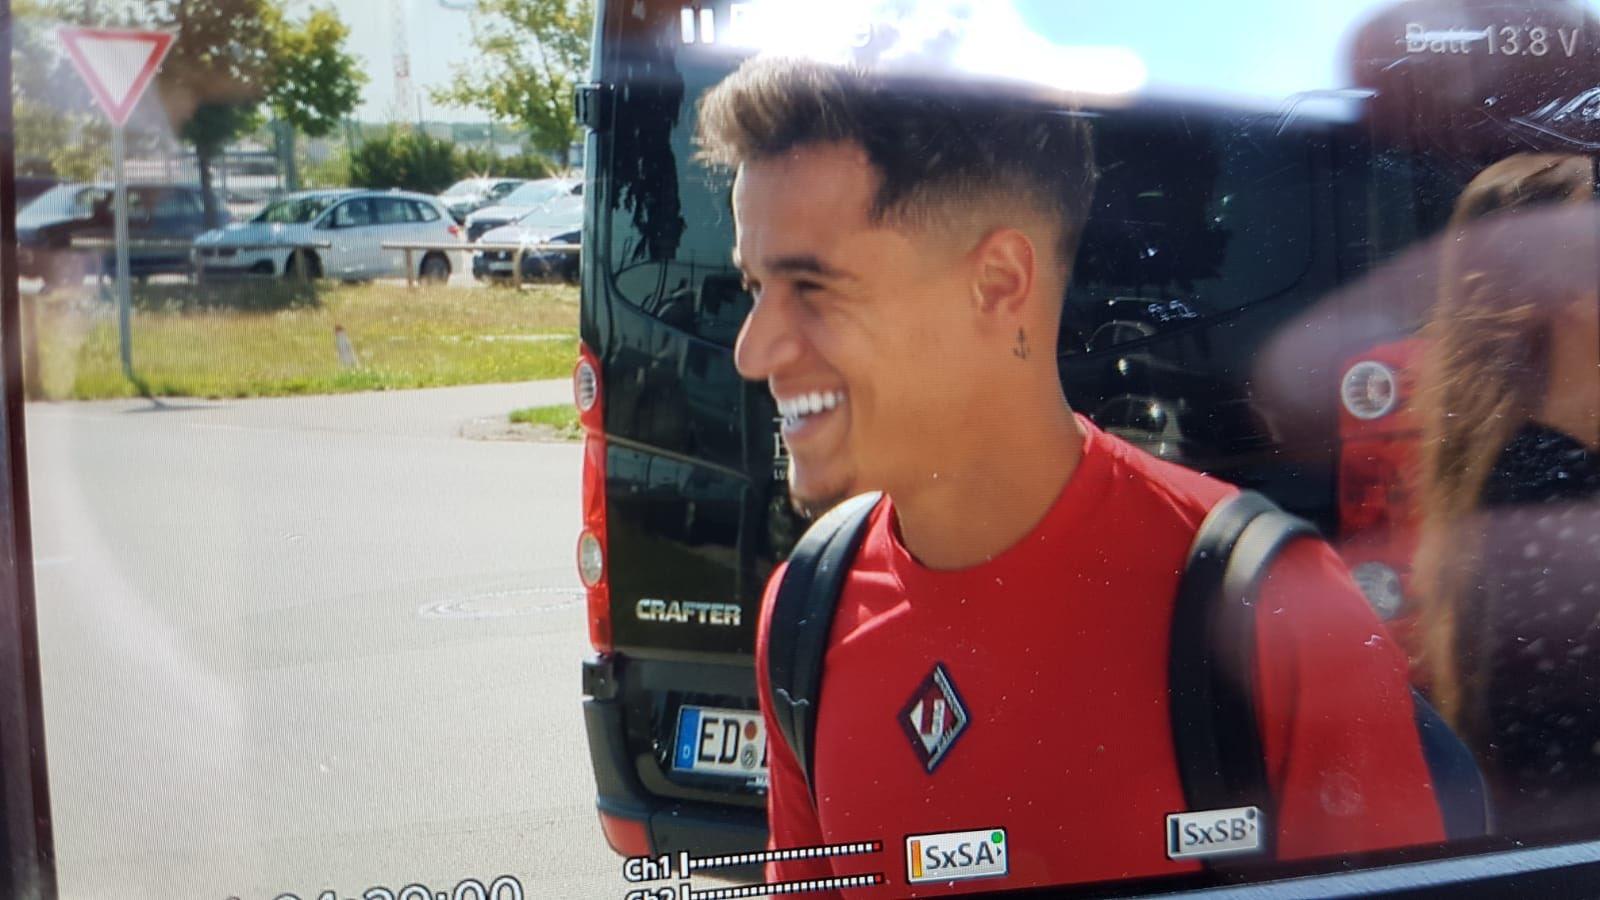 来了!库蒂尼奥已经抵达慕尼黑,正在接受体检